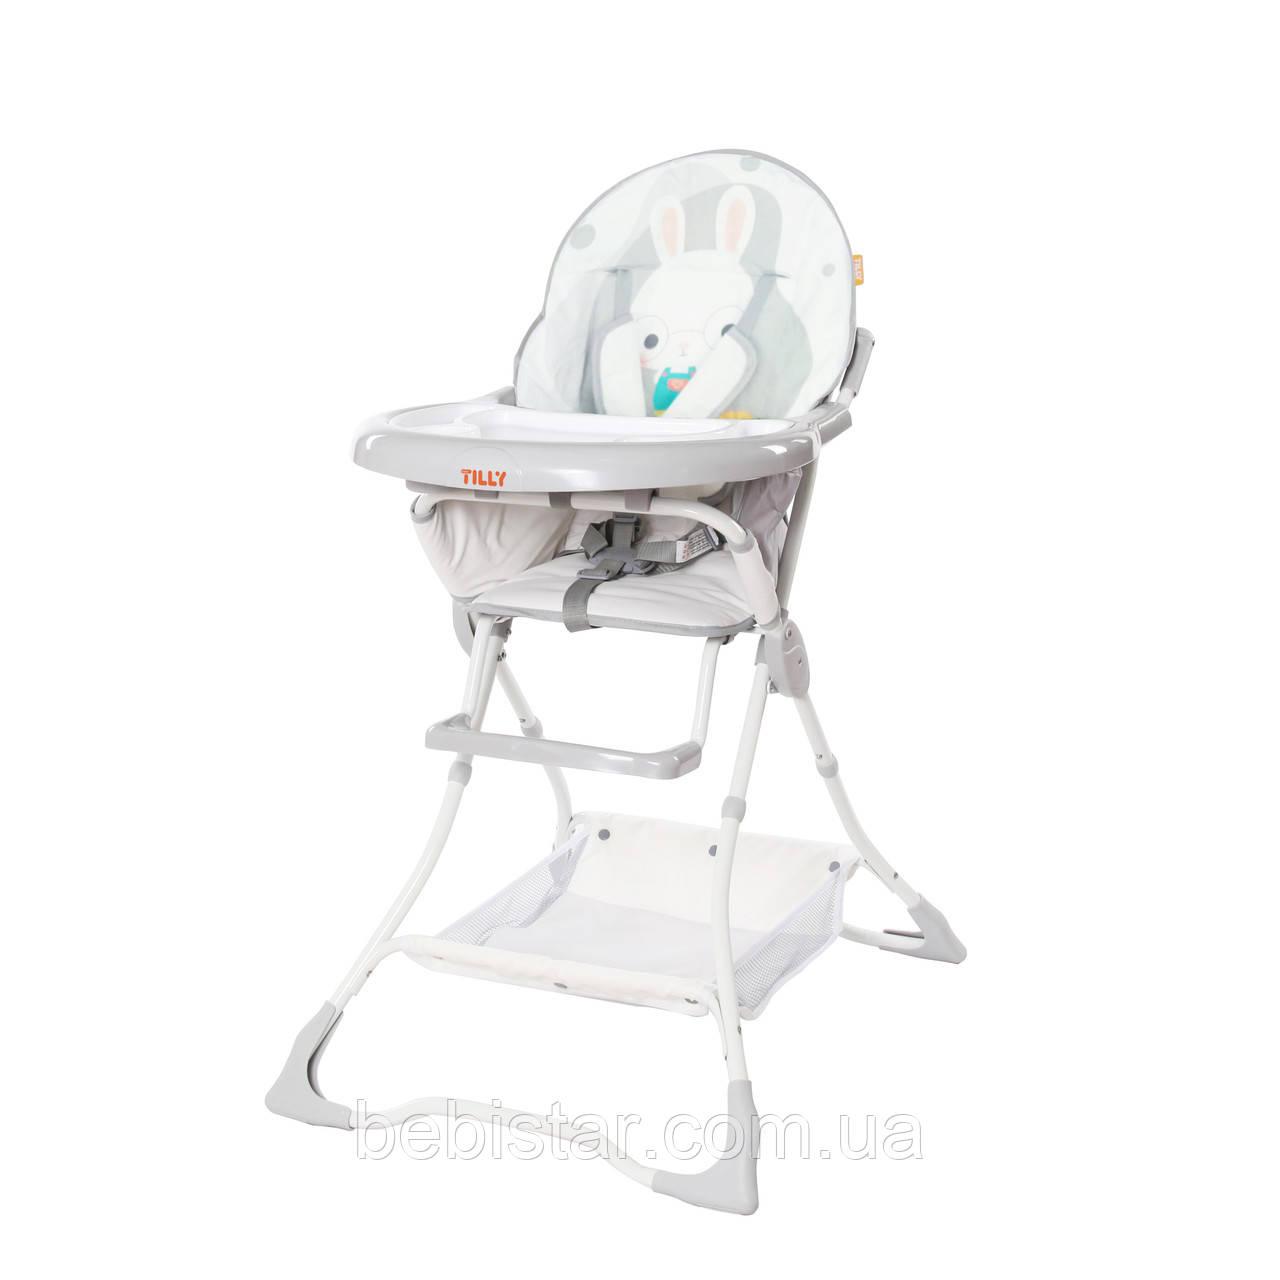 Стульчик для кормления белый с серым Tilly Buddy съемный чехол корзина для ребенка от 6 месяцев до 3-х лет